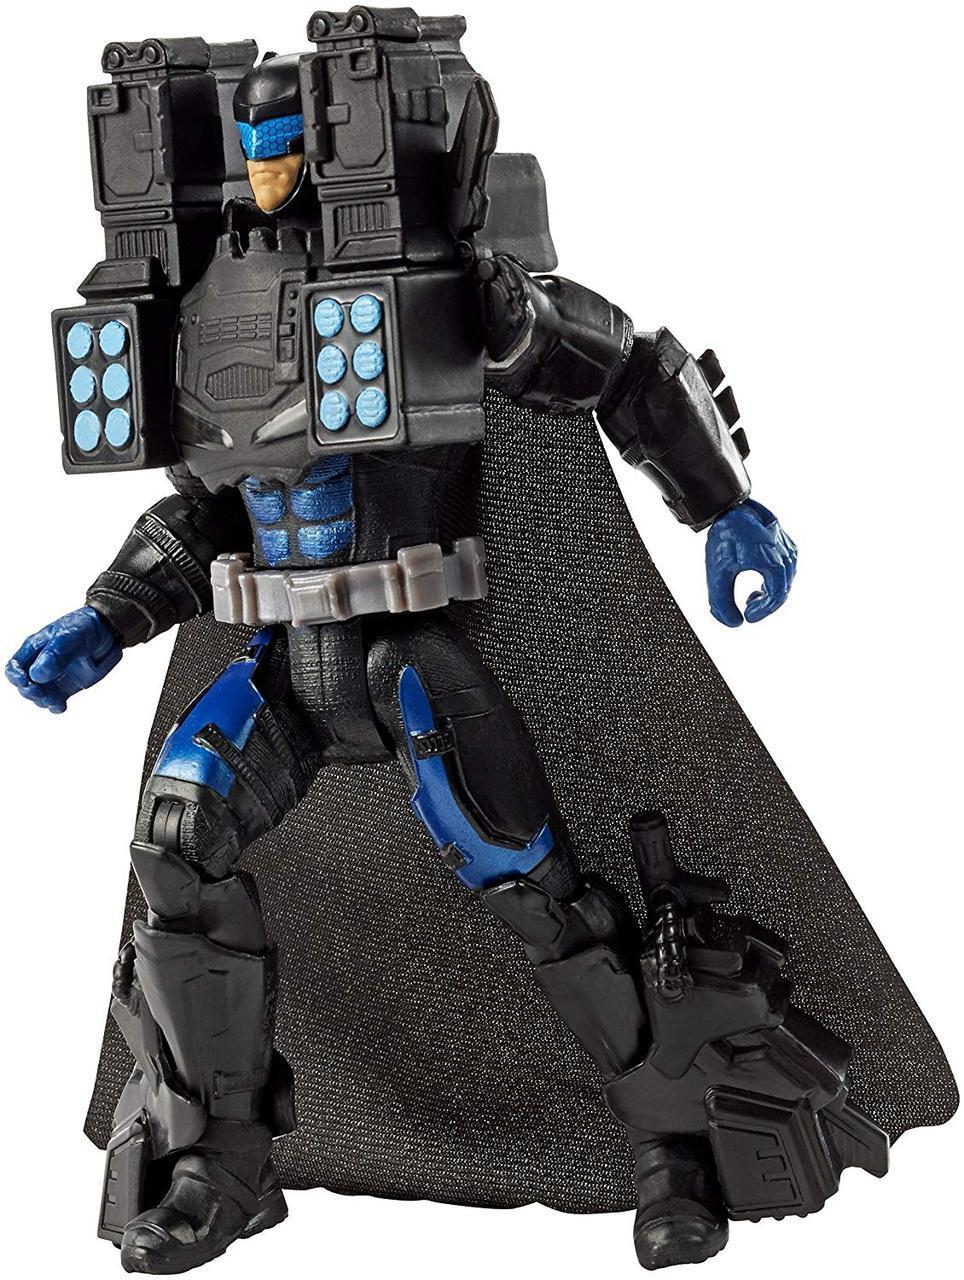 """Фигурка Mattel, Бэтмен, ДС,Лига Справедливости - DC Comics, """"Justice Leage"""", """"Power Slingers"""" Batman"""